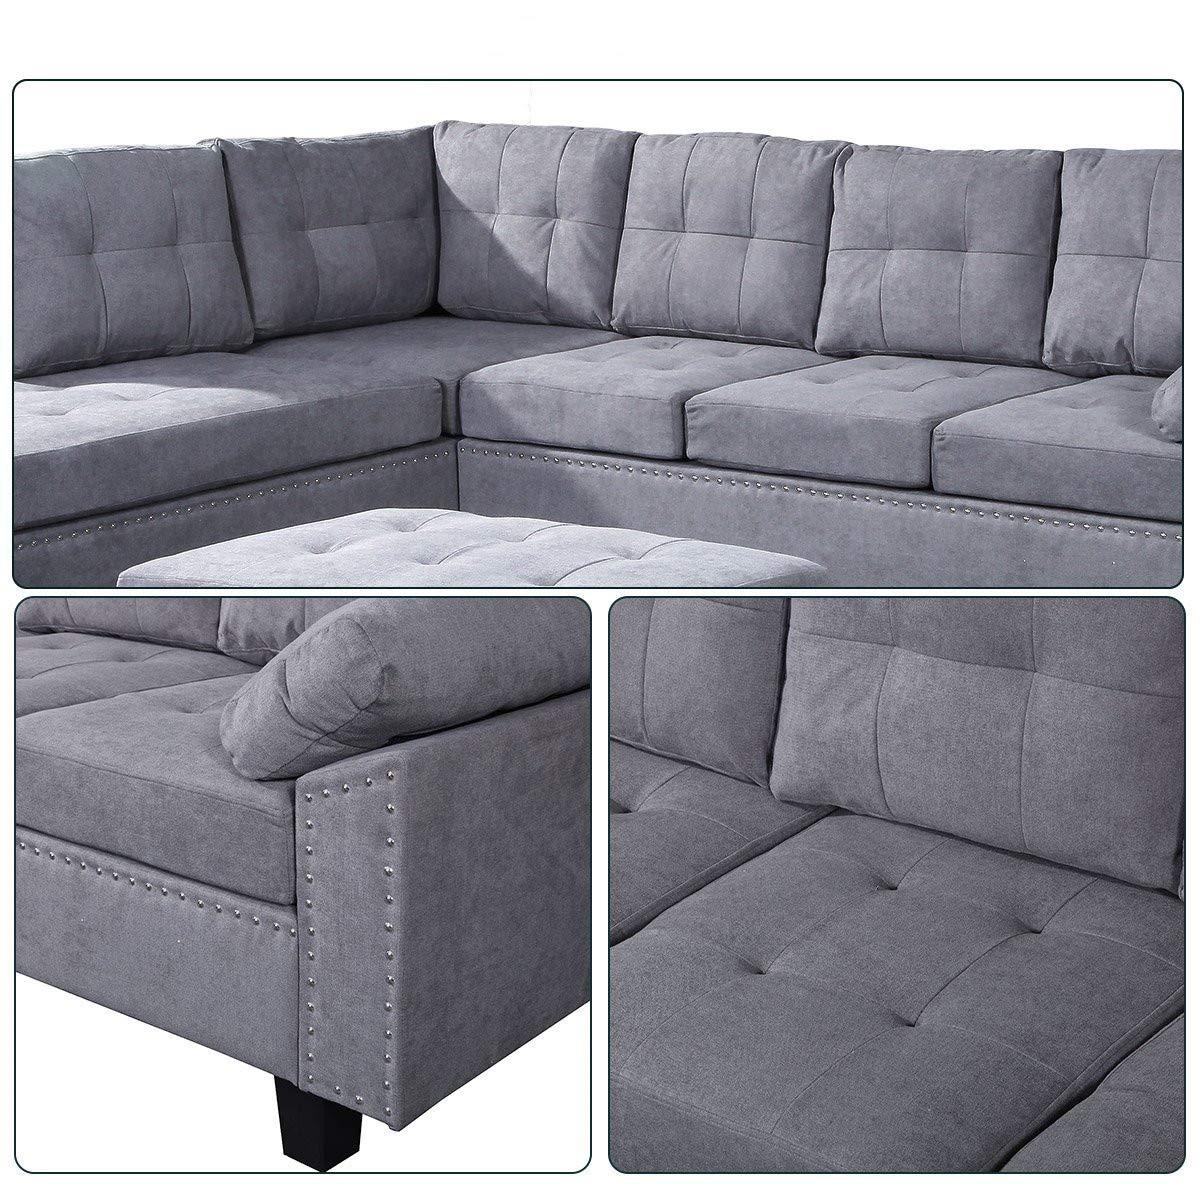 Amazon.com: Merax - Sofá de 3 piezas con chaise longue y ...